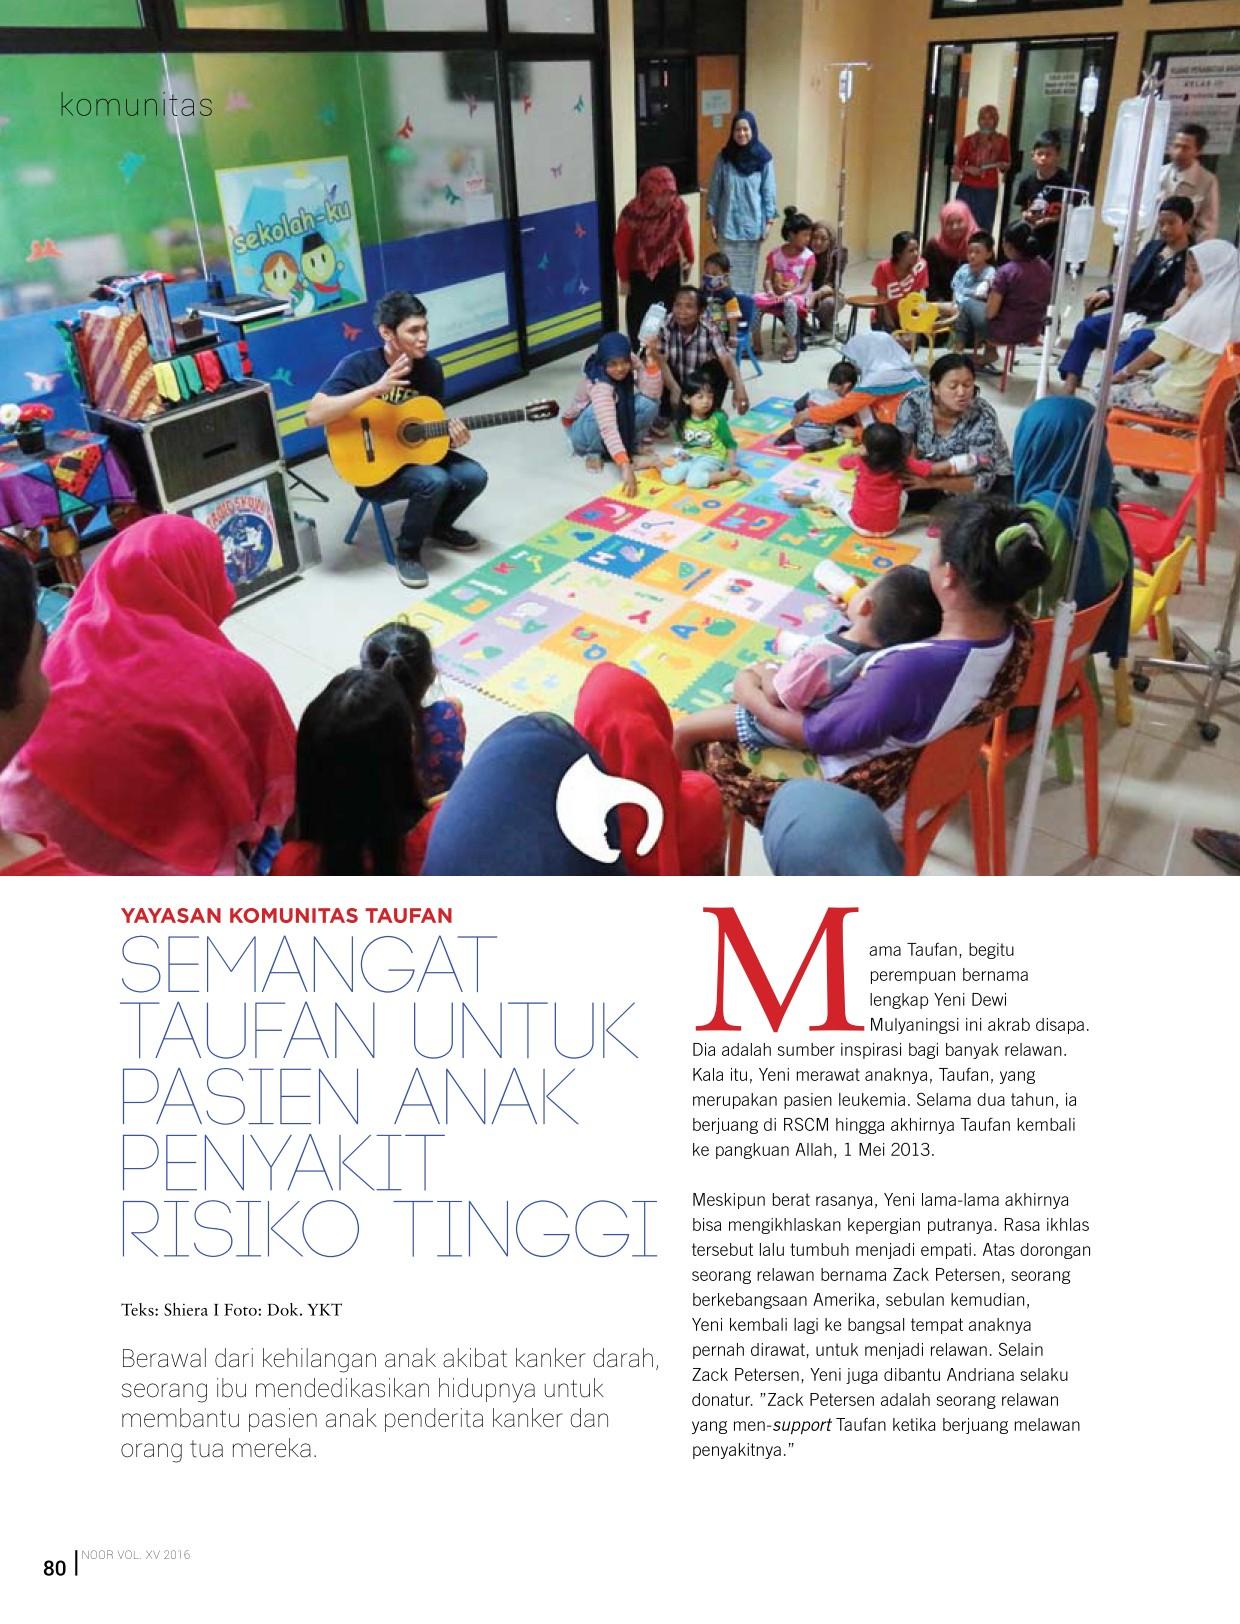 201606_Komunitas_Taufan_di_Majalah_NOOR_Semangat_Taufan_untuk_Pasien_Anak_Penyakit_Resiko_Tinggi_1